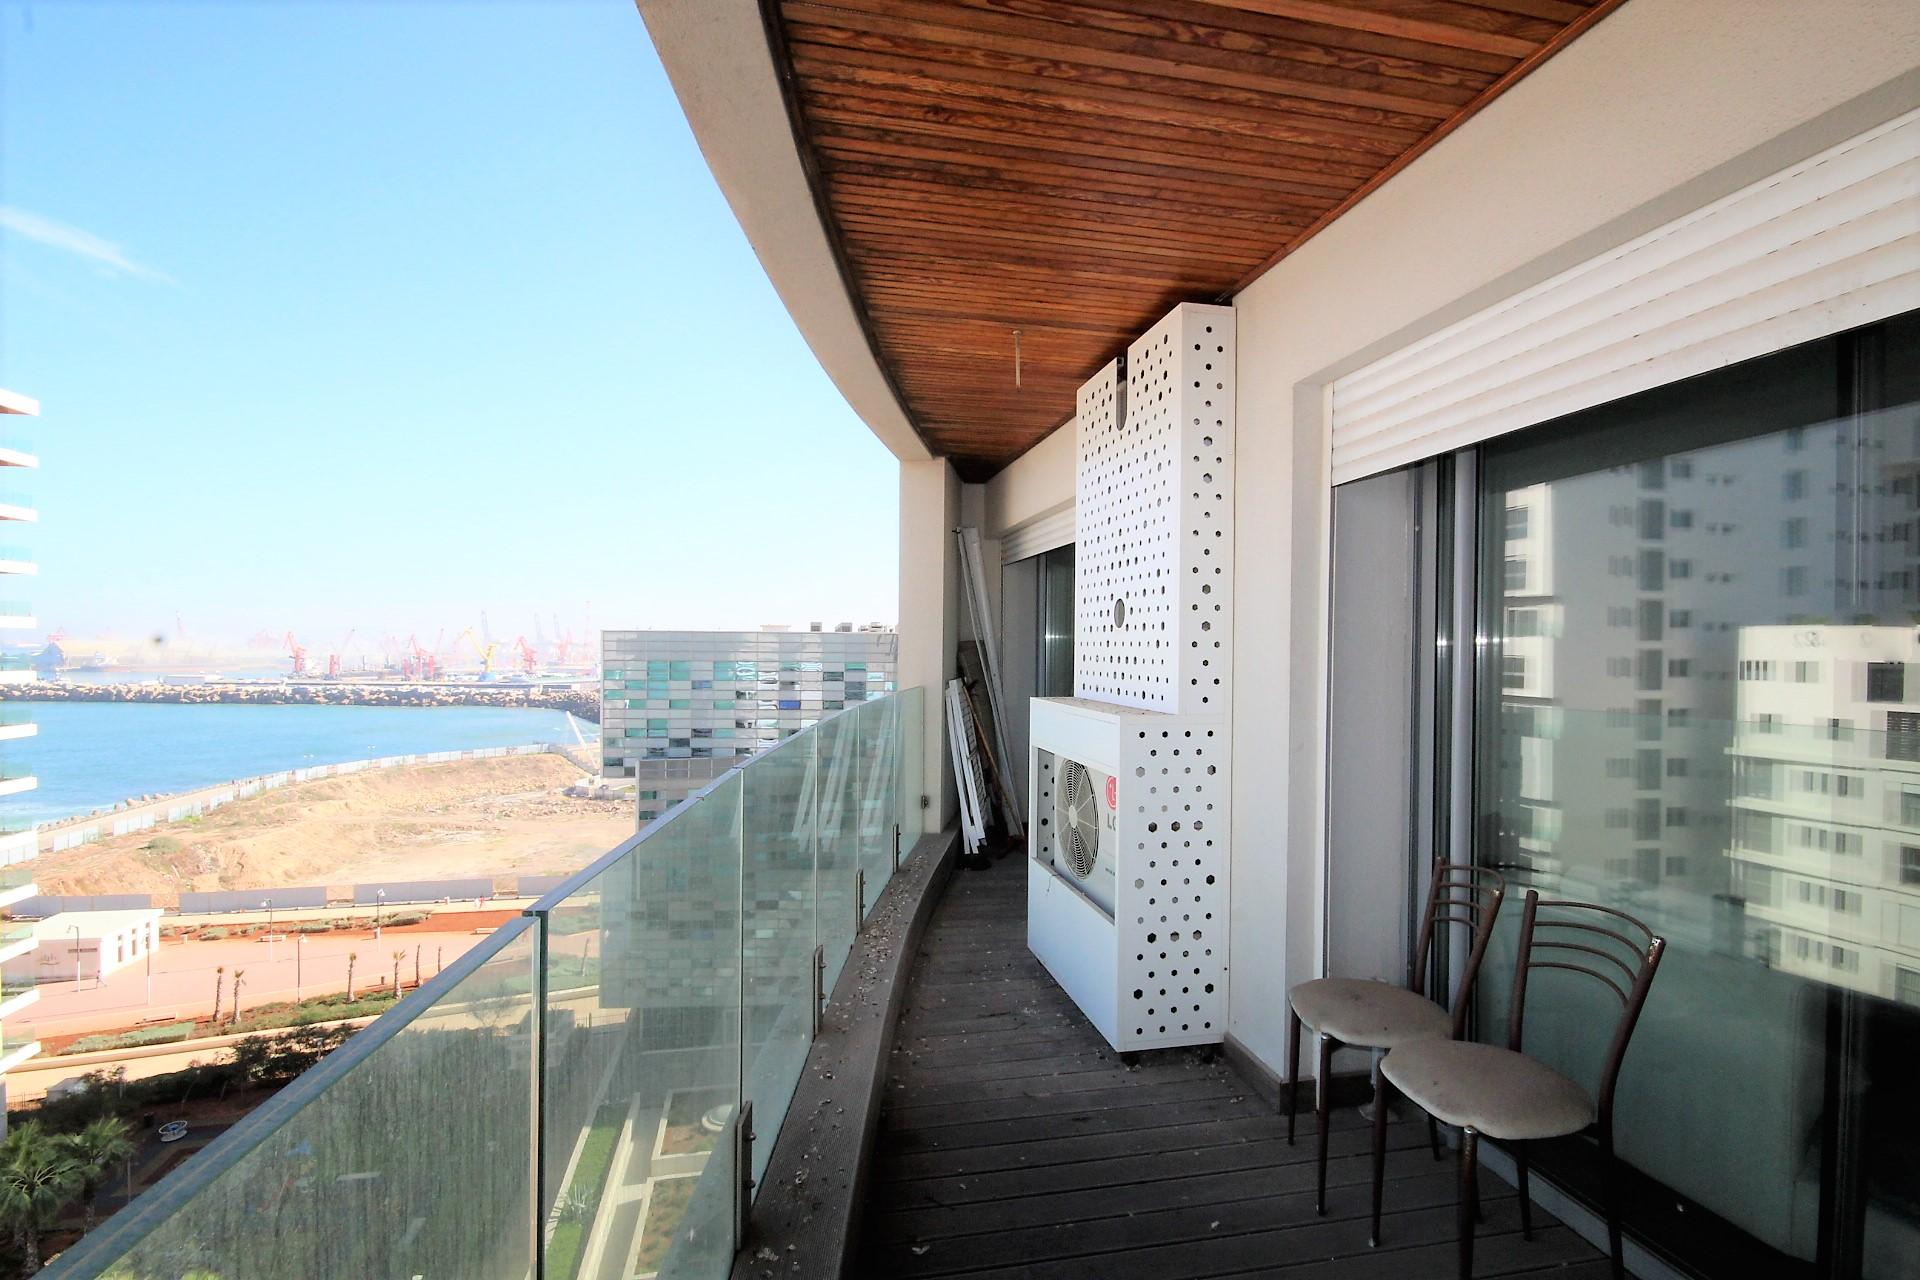 Maroc, Casablanca Marina, loue luxueux appartement meublé en grande hauteur avec vue mer